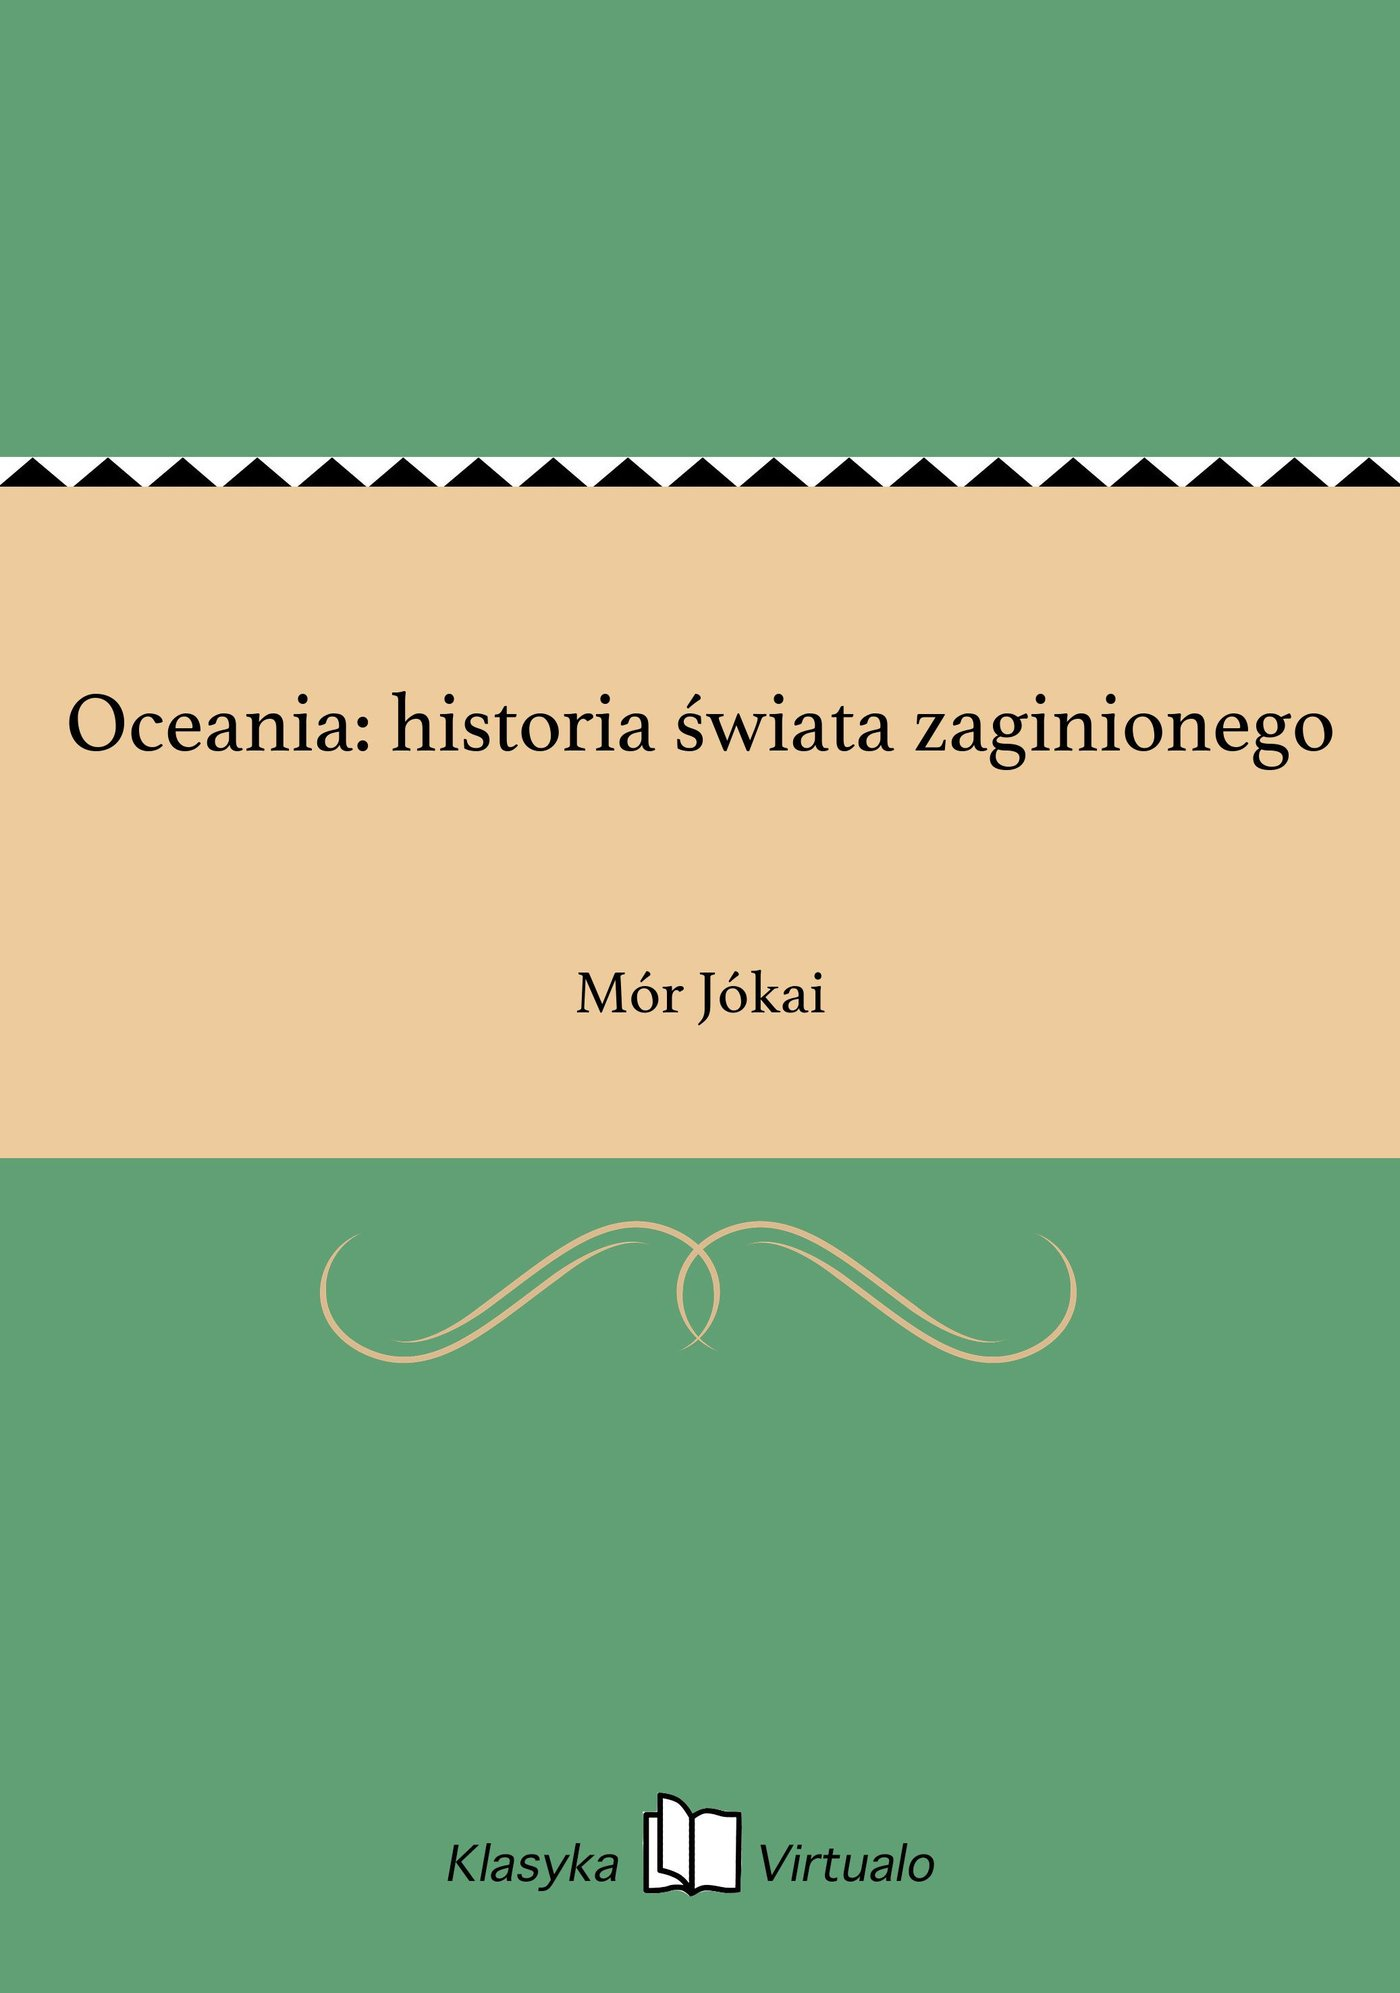 Oceania: historia świata zaginionego - Ebook (Książka EPUB) do pobrania w formacie EPUB